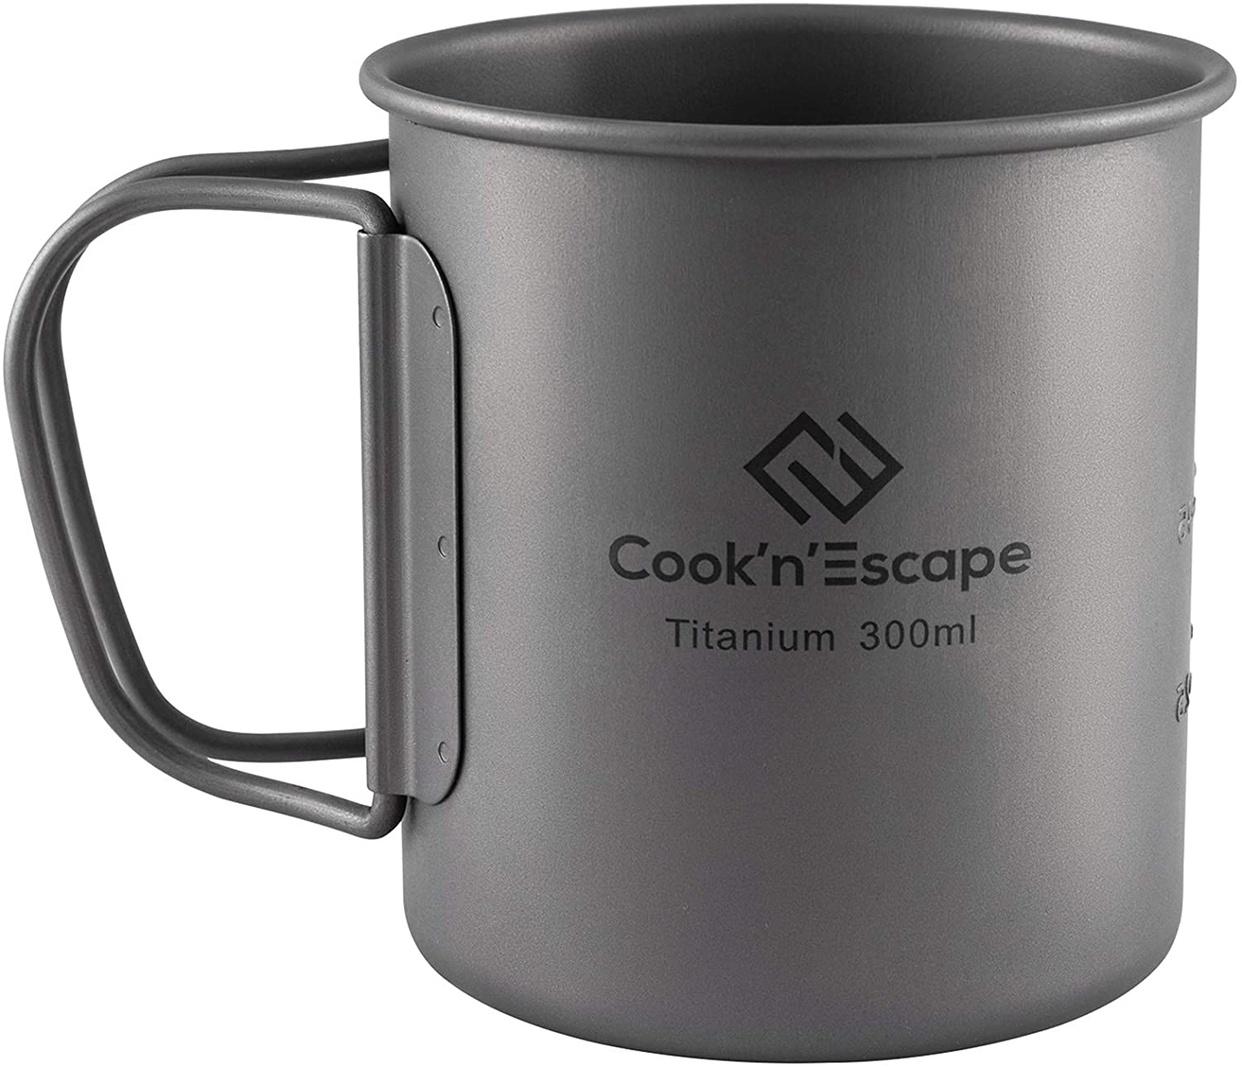 COOK'N'ESCAPE(コックンエスケープ) アウトドア用マグカップの商品画像